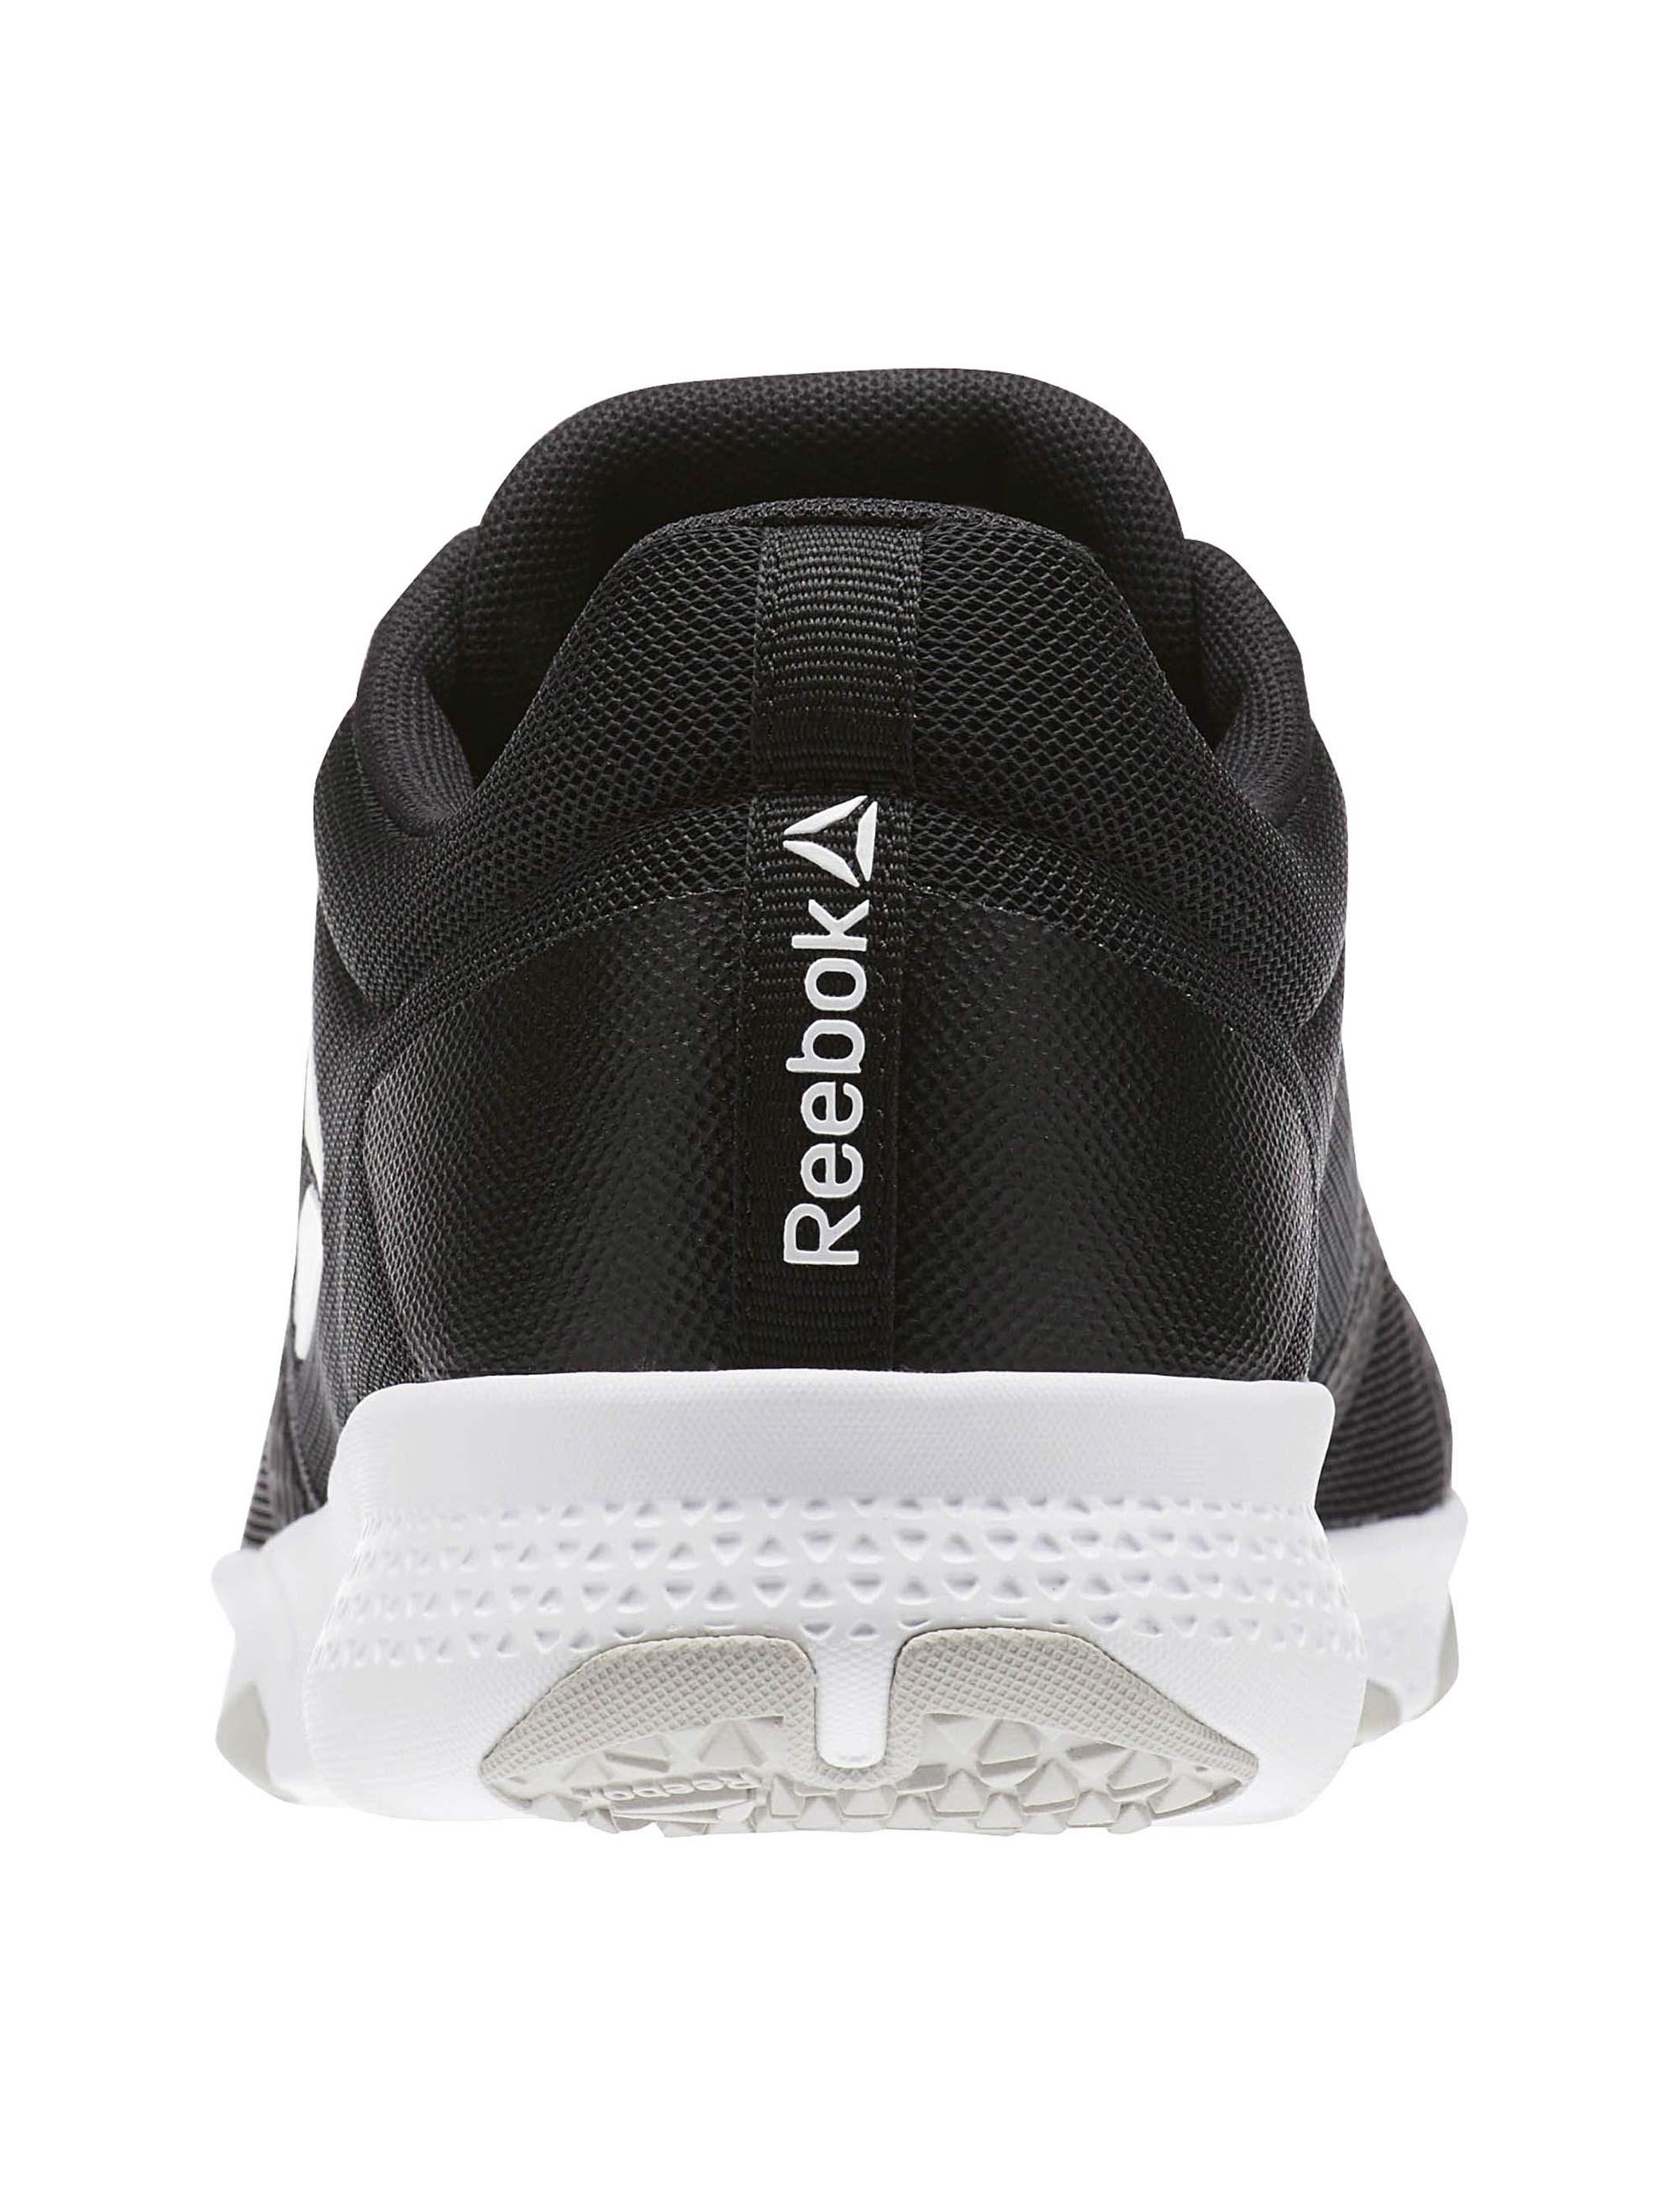 کفش تمرین بندی مردانه Flexile - ریباک - مشکي - 6